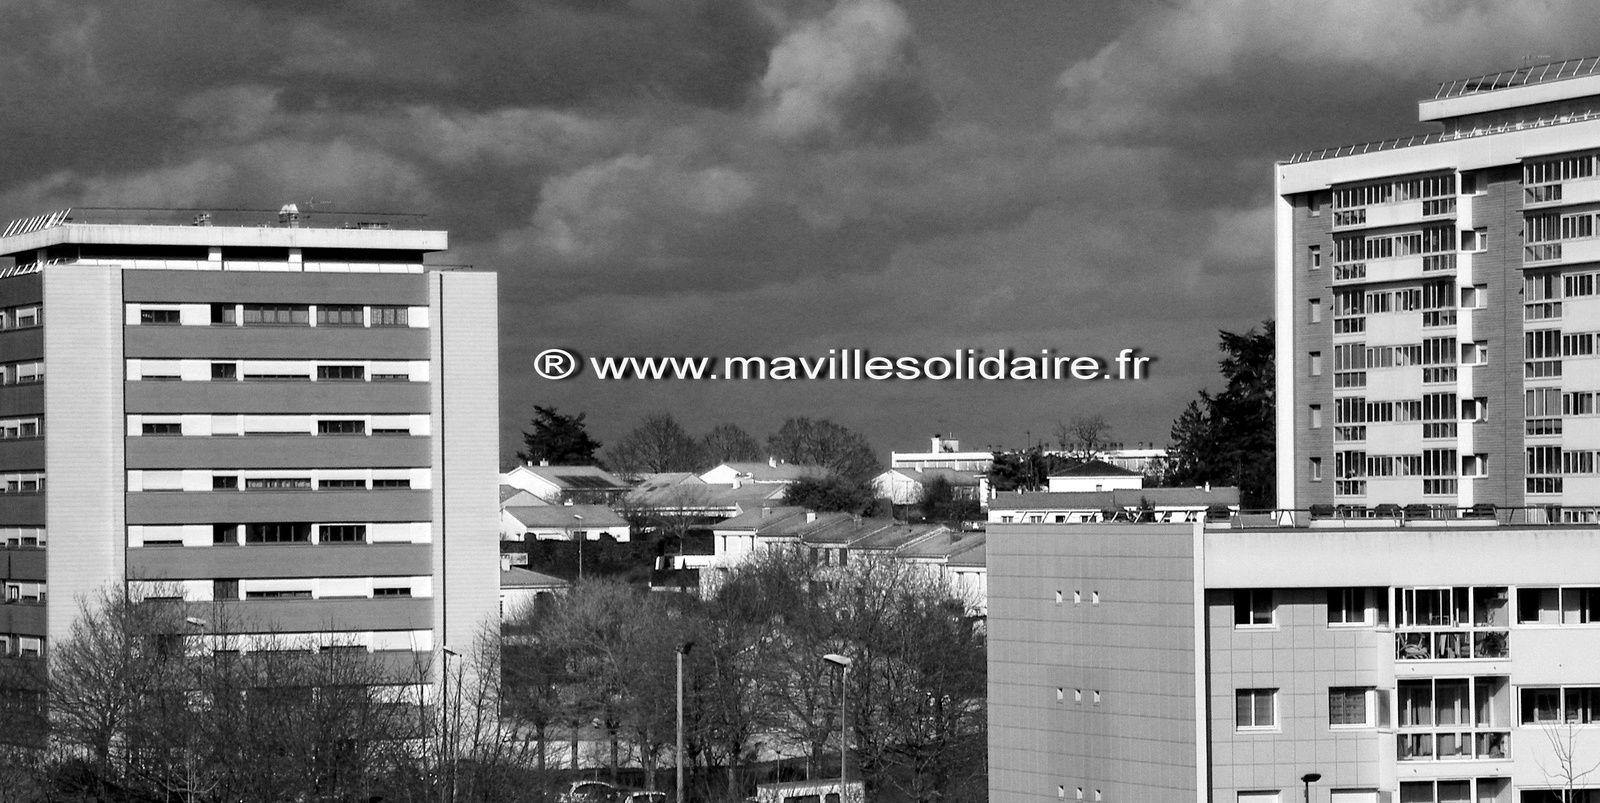 La Roche-sur-Yon. Les Conseils Citoyens installés le 25 février 2016.